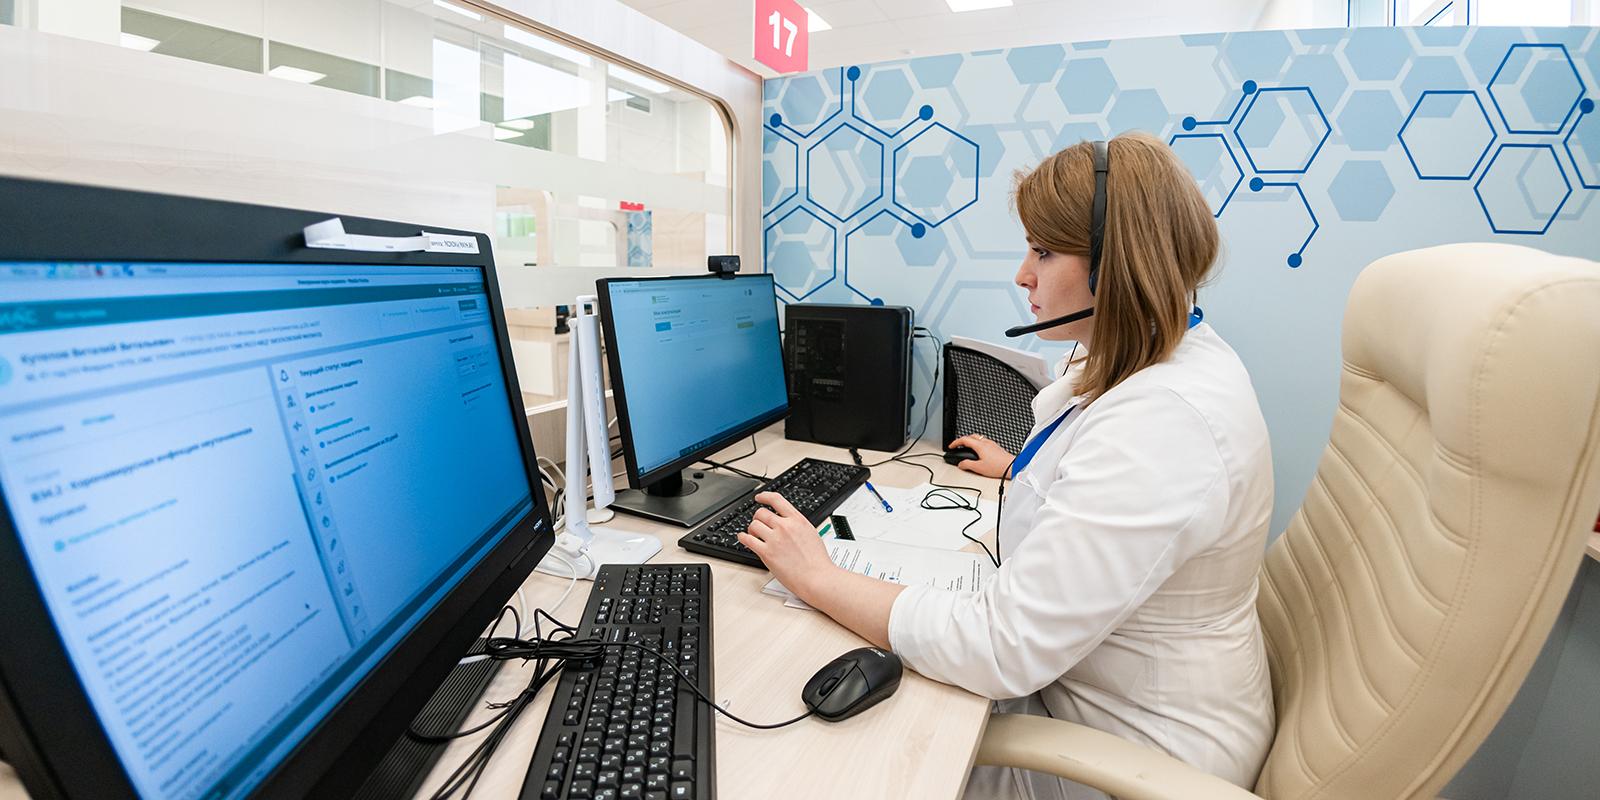 Московские врачи провели более миллиона телемедицинских консультаций для пациентов с коронавирусом